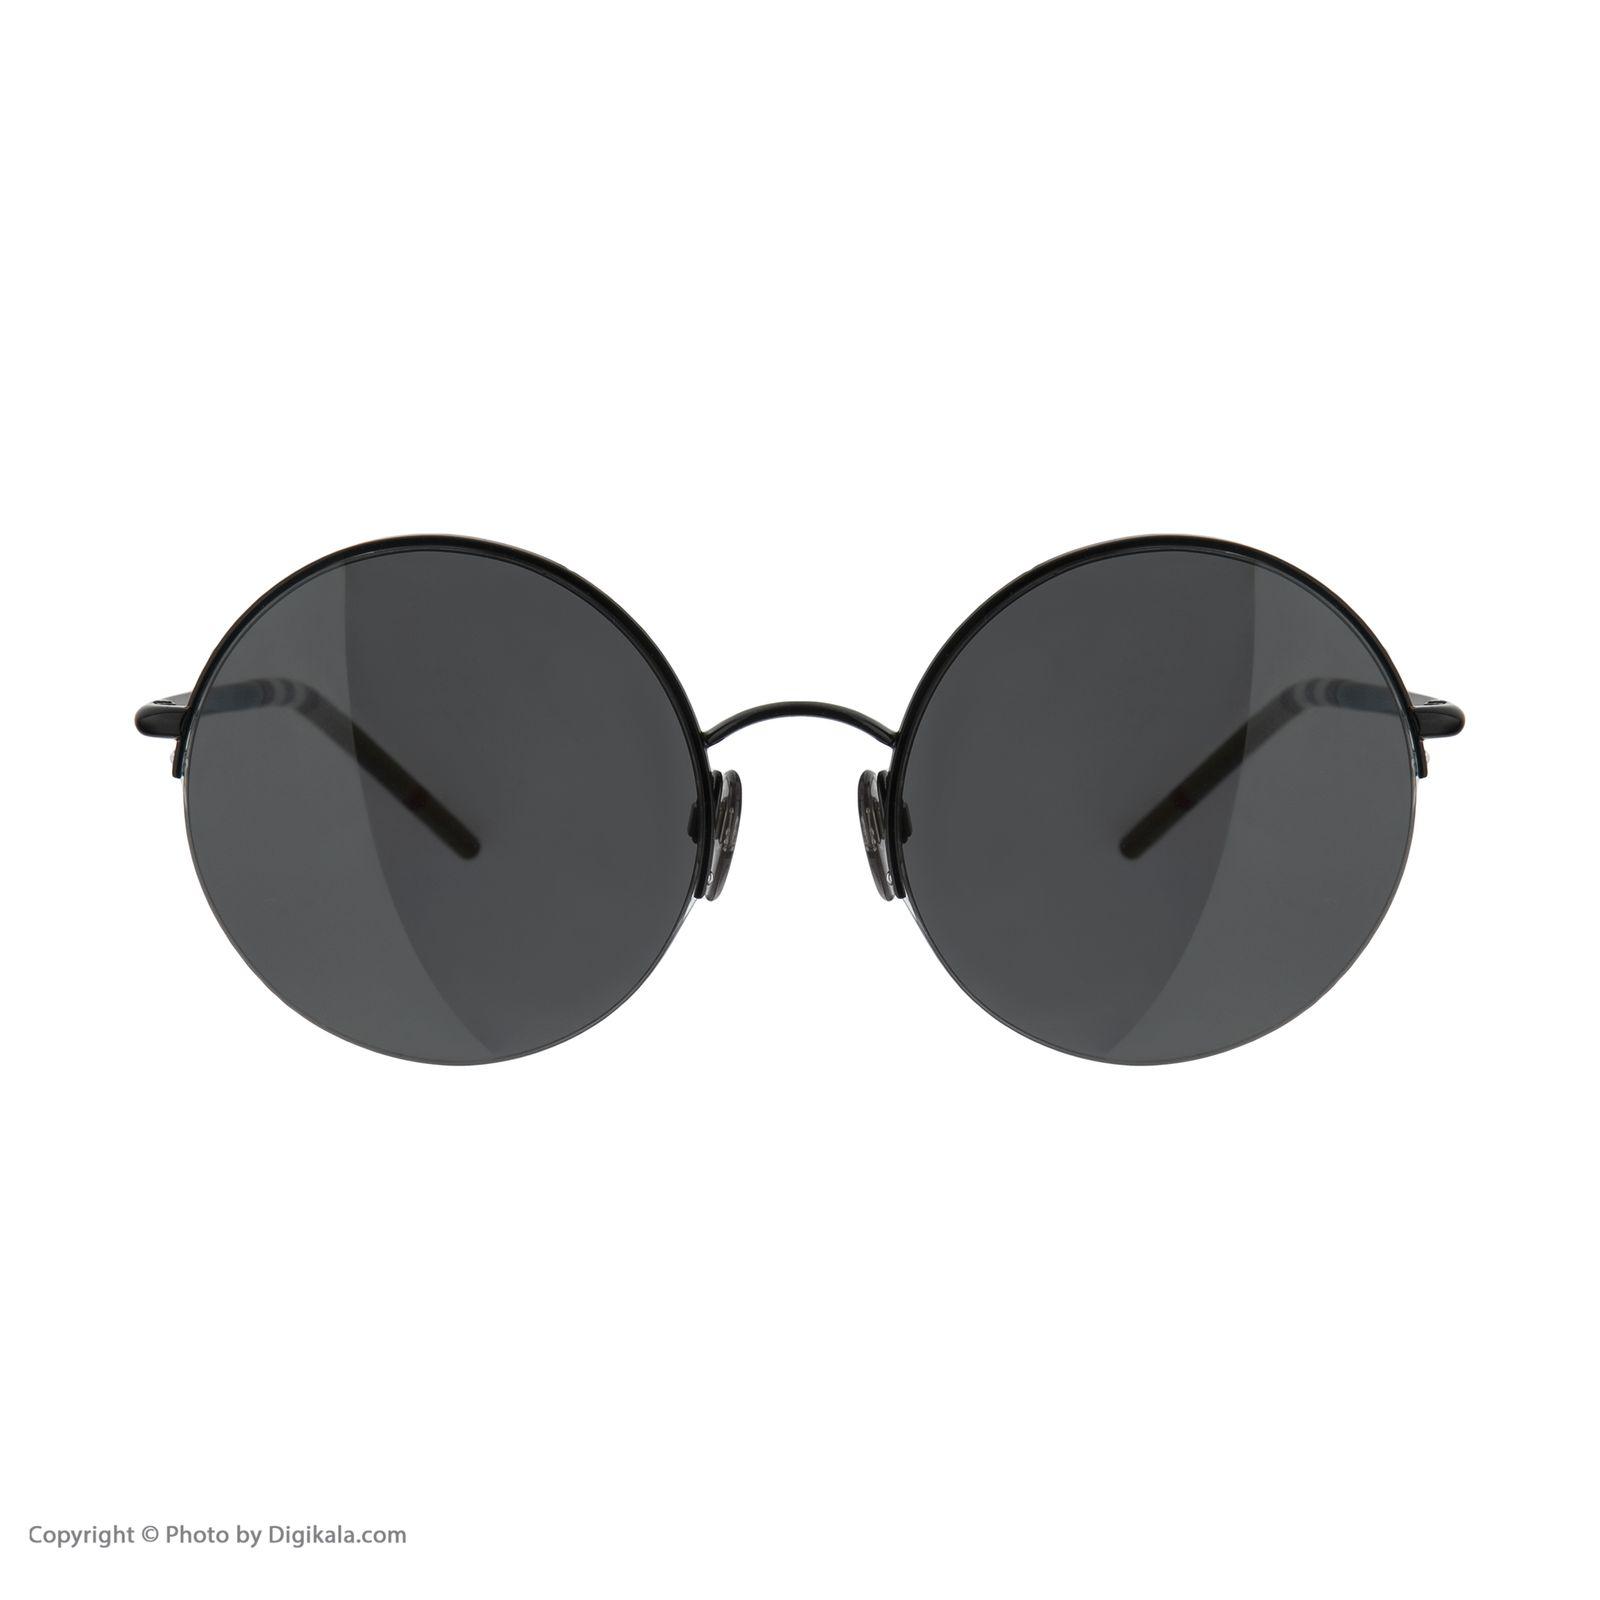 عینک آفتابی زنانه بربری مدل BE 3101S 100187 54 -  - 3